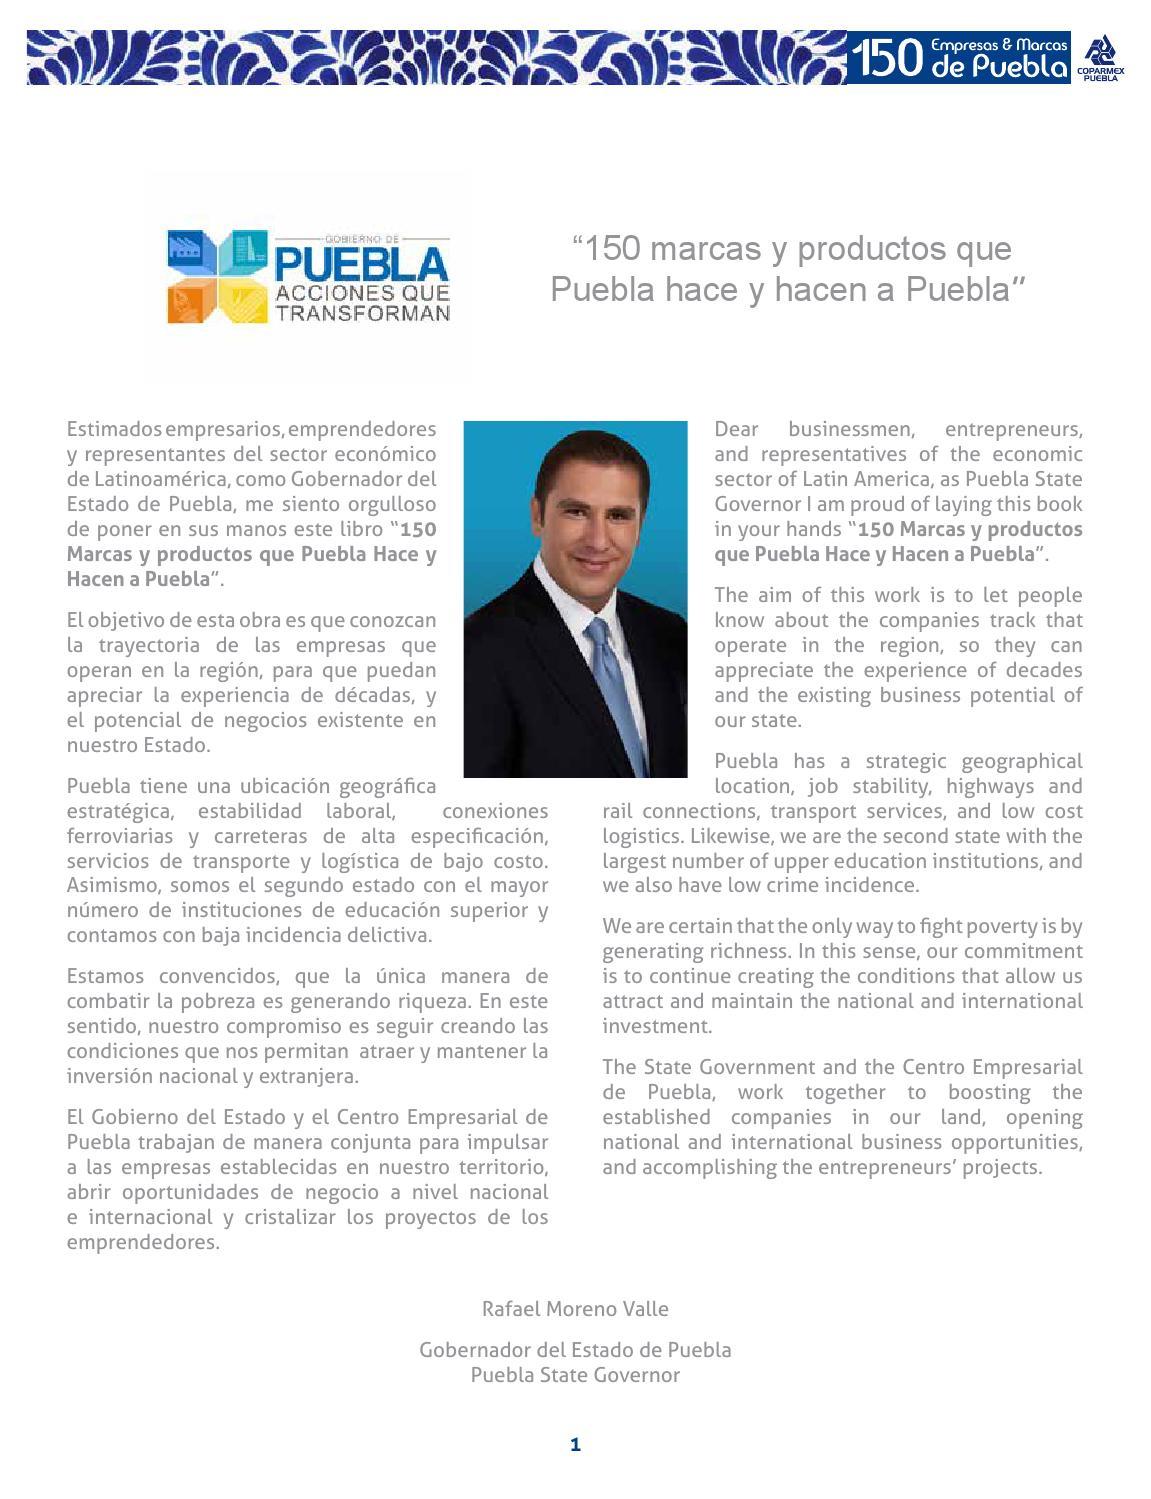 150 empresas que puebla hace y hacen a puebla by Marcas Coparmex - issuu